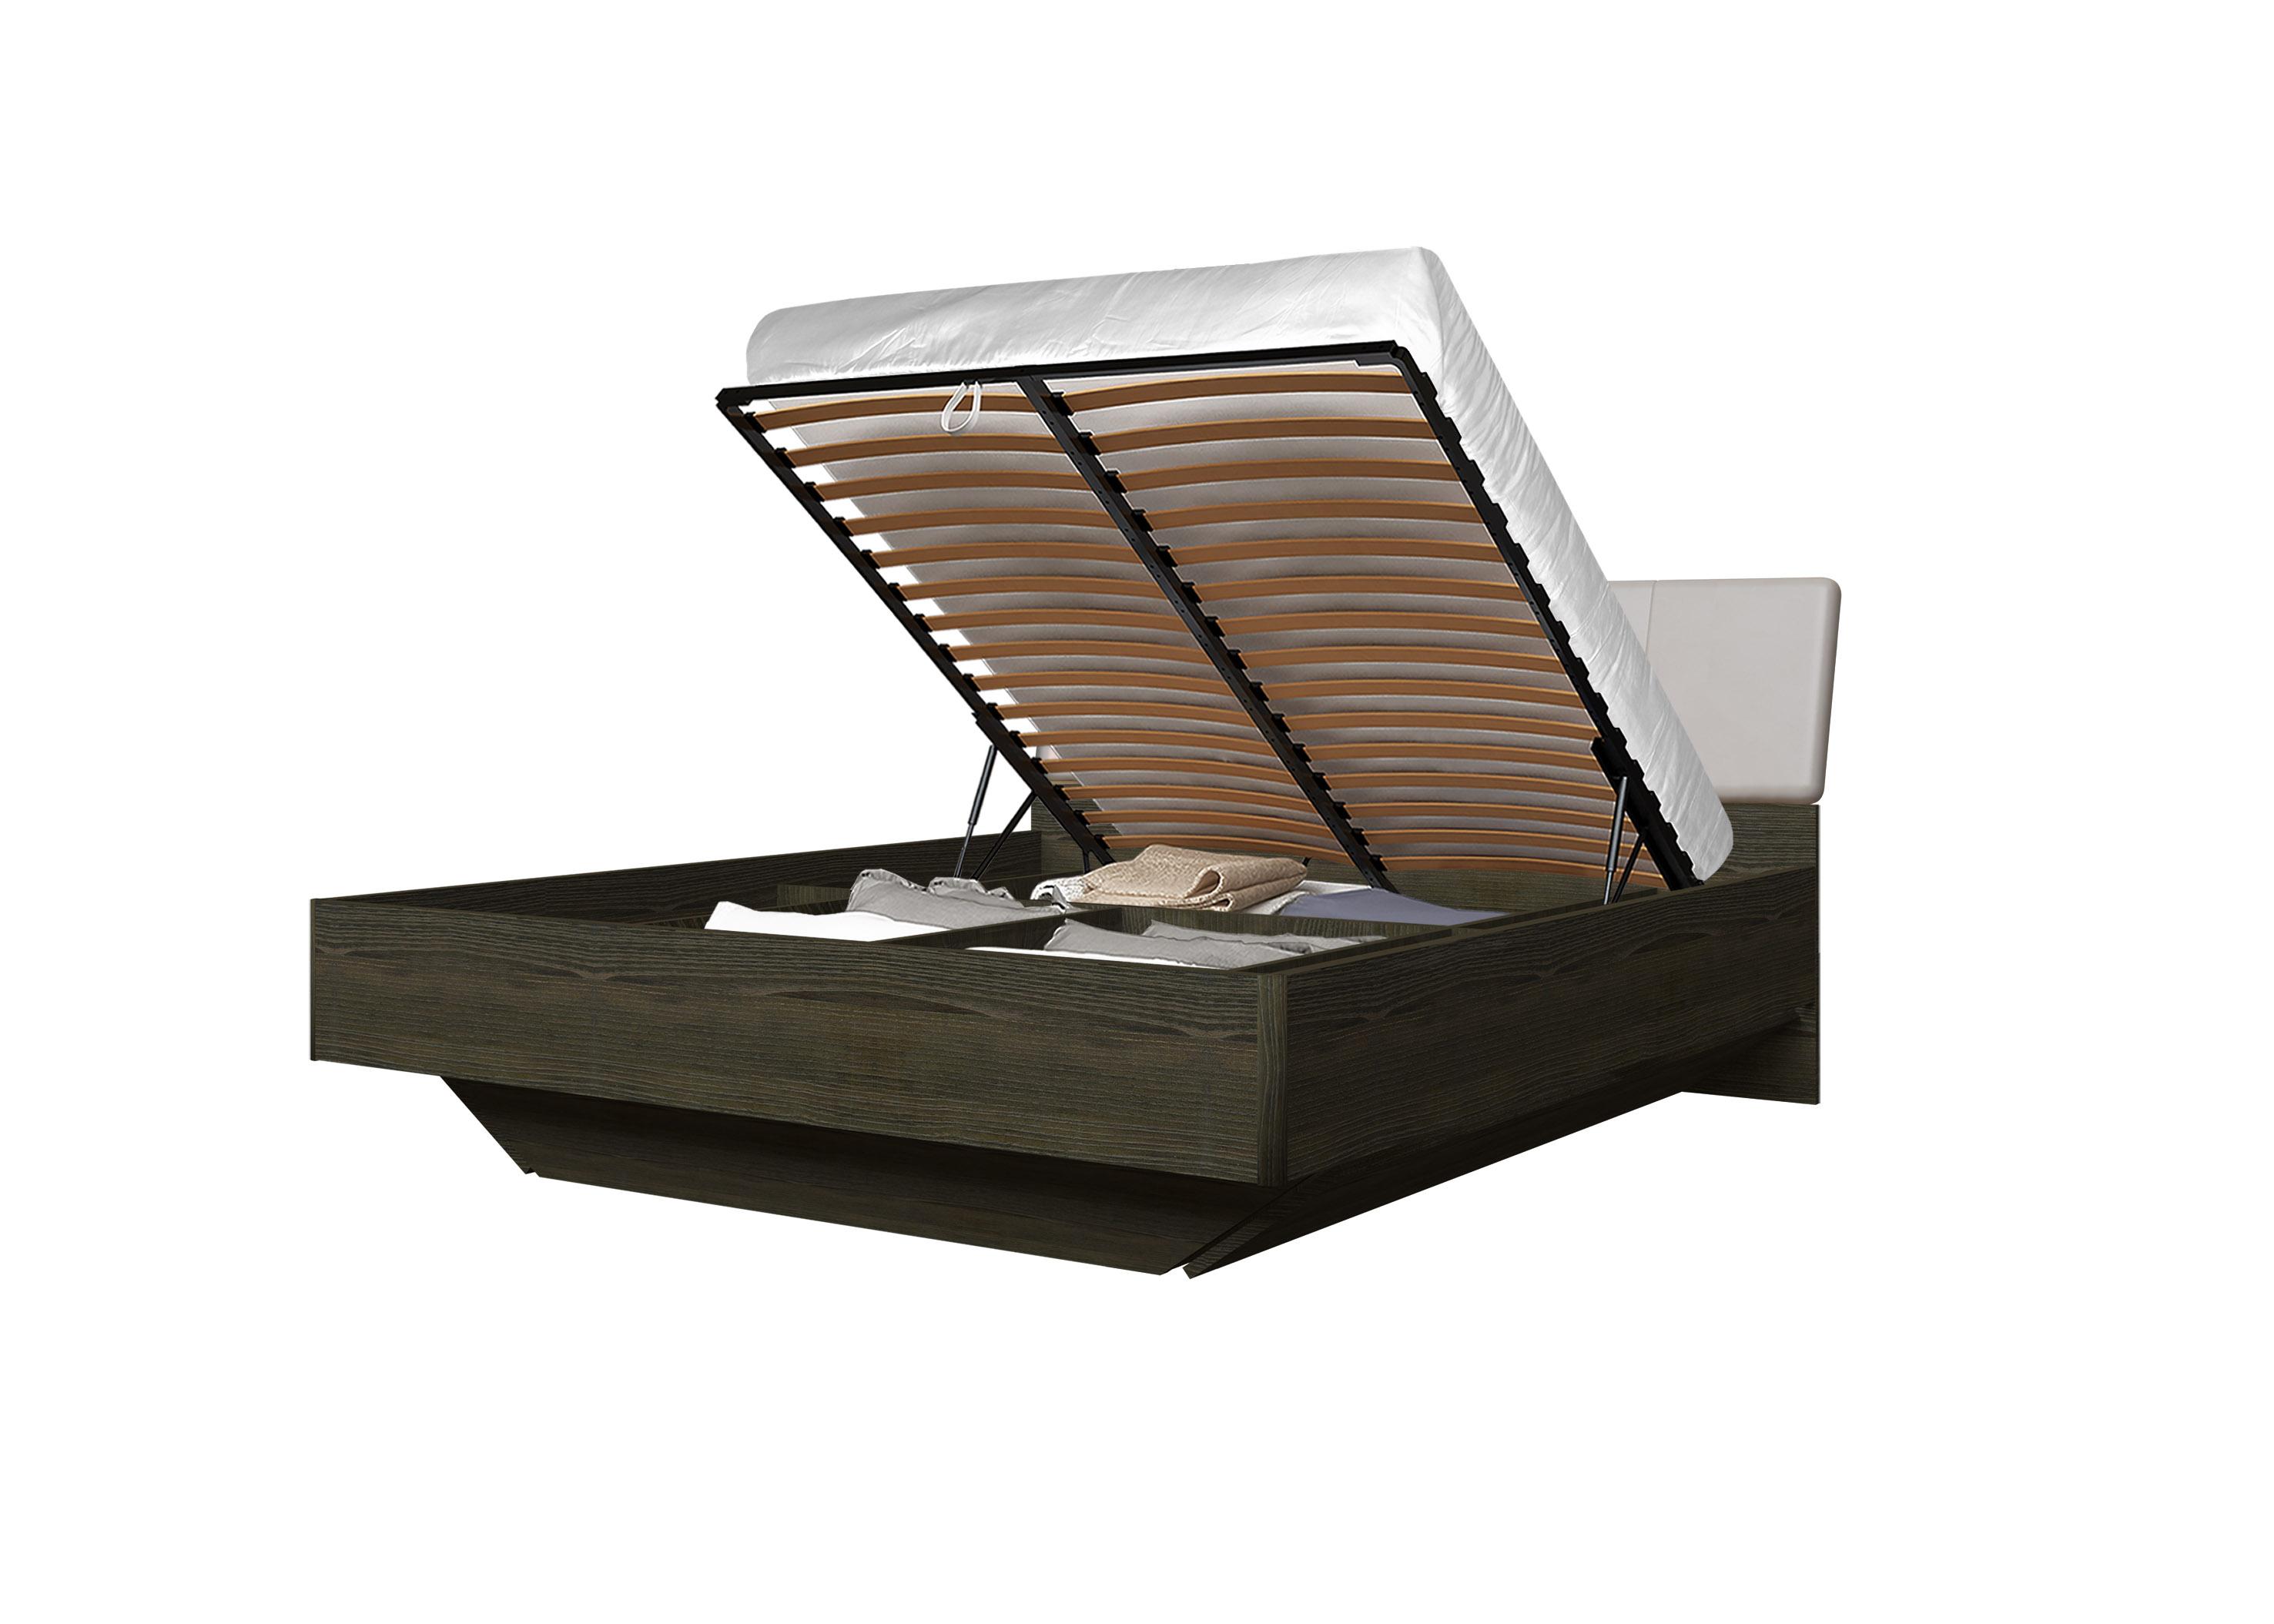 Doppelbett Toskana 180x200 in Dunkle Buche/Cappuccino inkl. Bettkasten